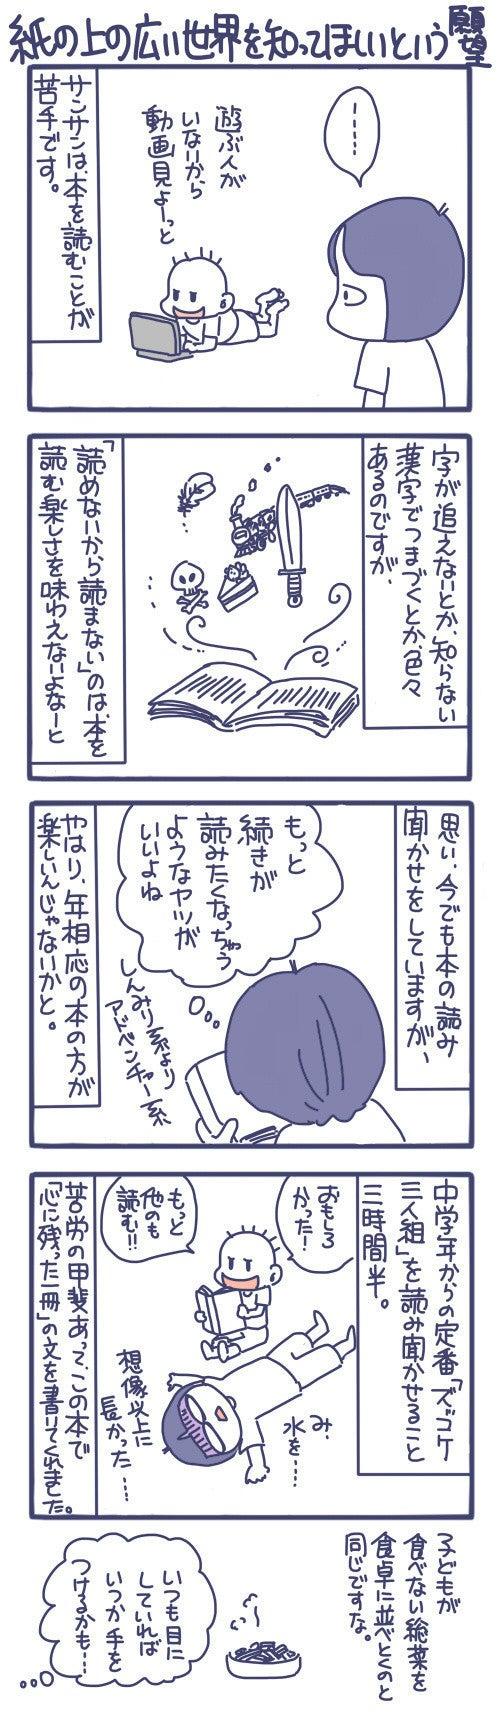 いつか本を読む